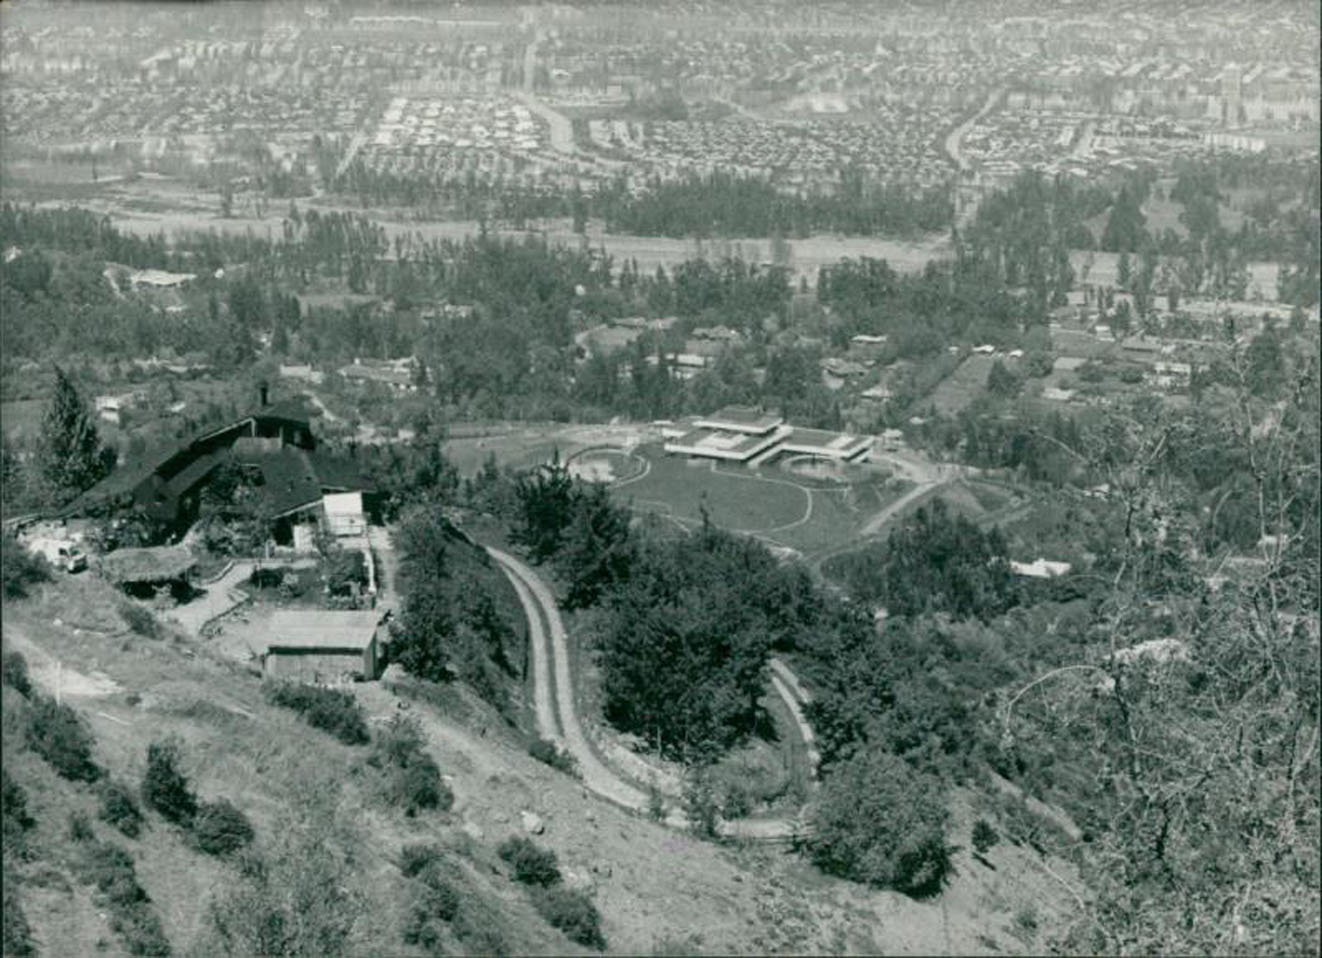 Enterreno - Fotos históricas de chile - fotos antiguas de Chile - El búnker de Pinochet en Santiago, 1985